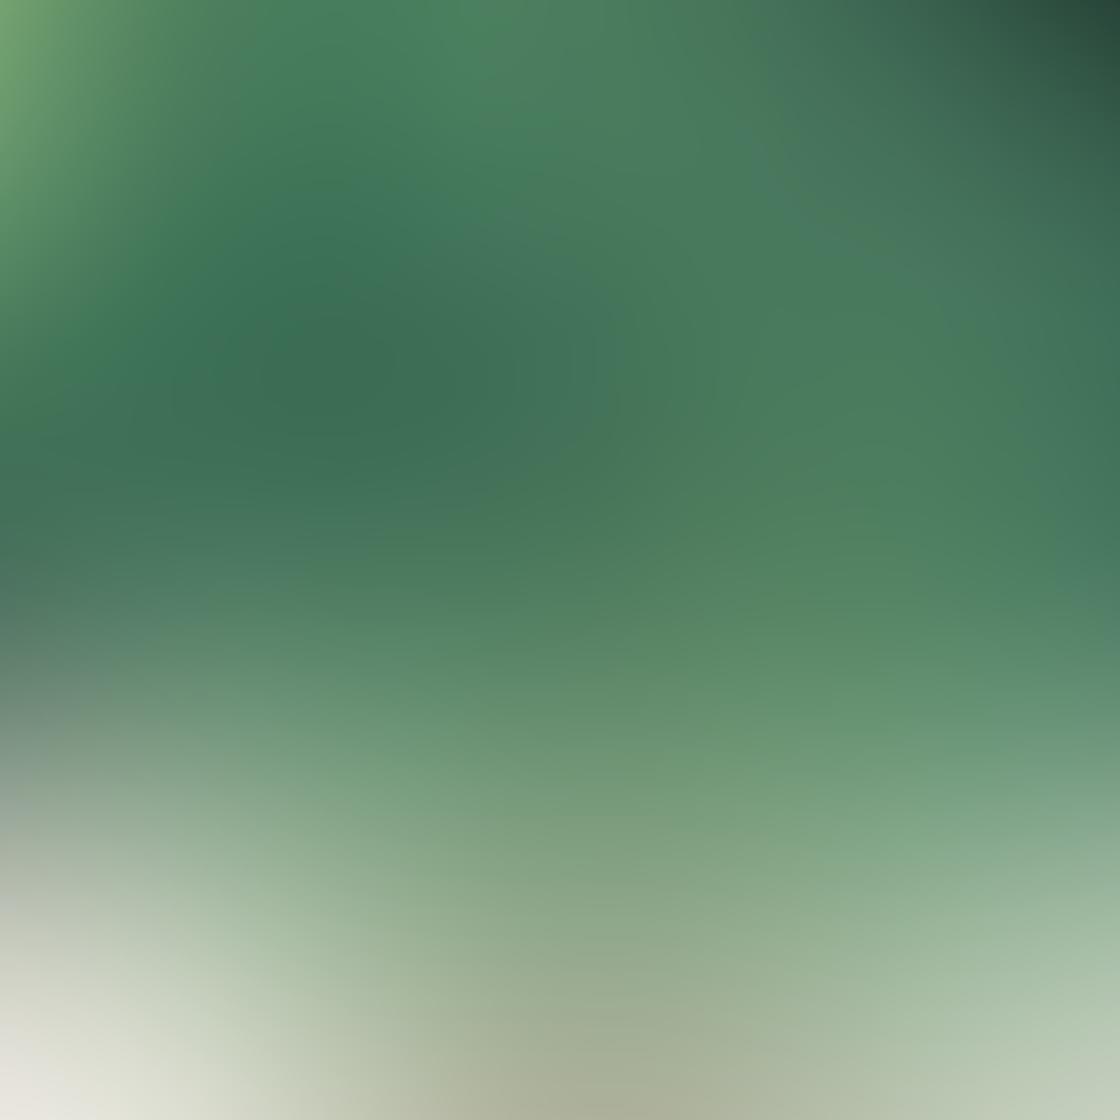 Green iPhone Photos 2